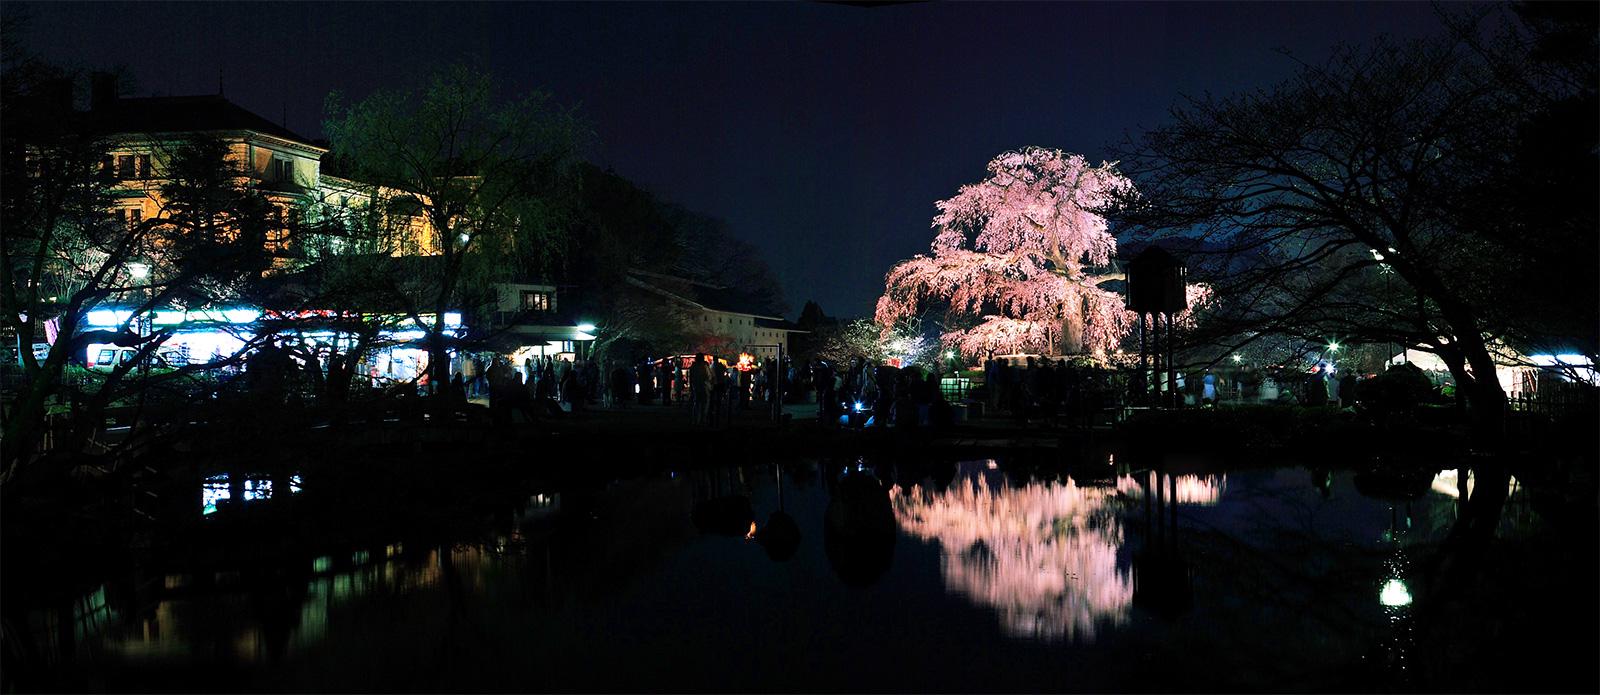 千本釈迦堂の阿亀桜_f0021869_1541136.jpg